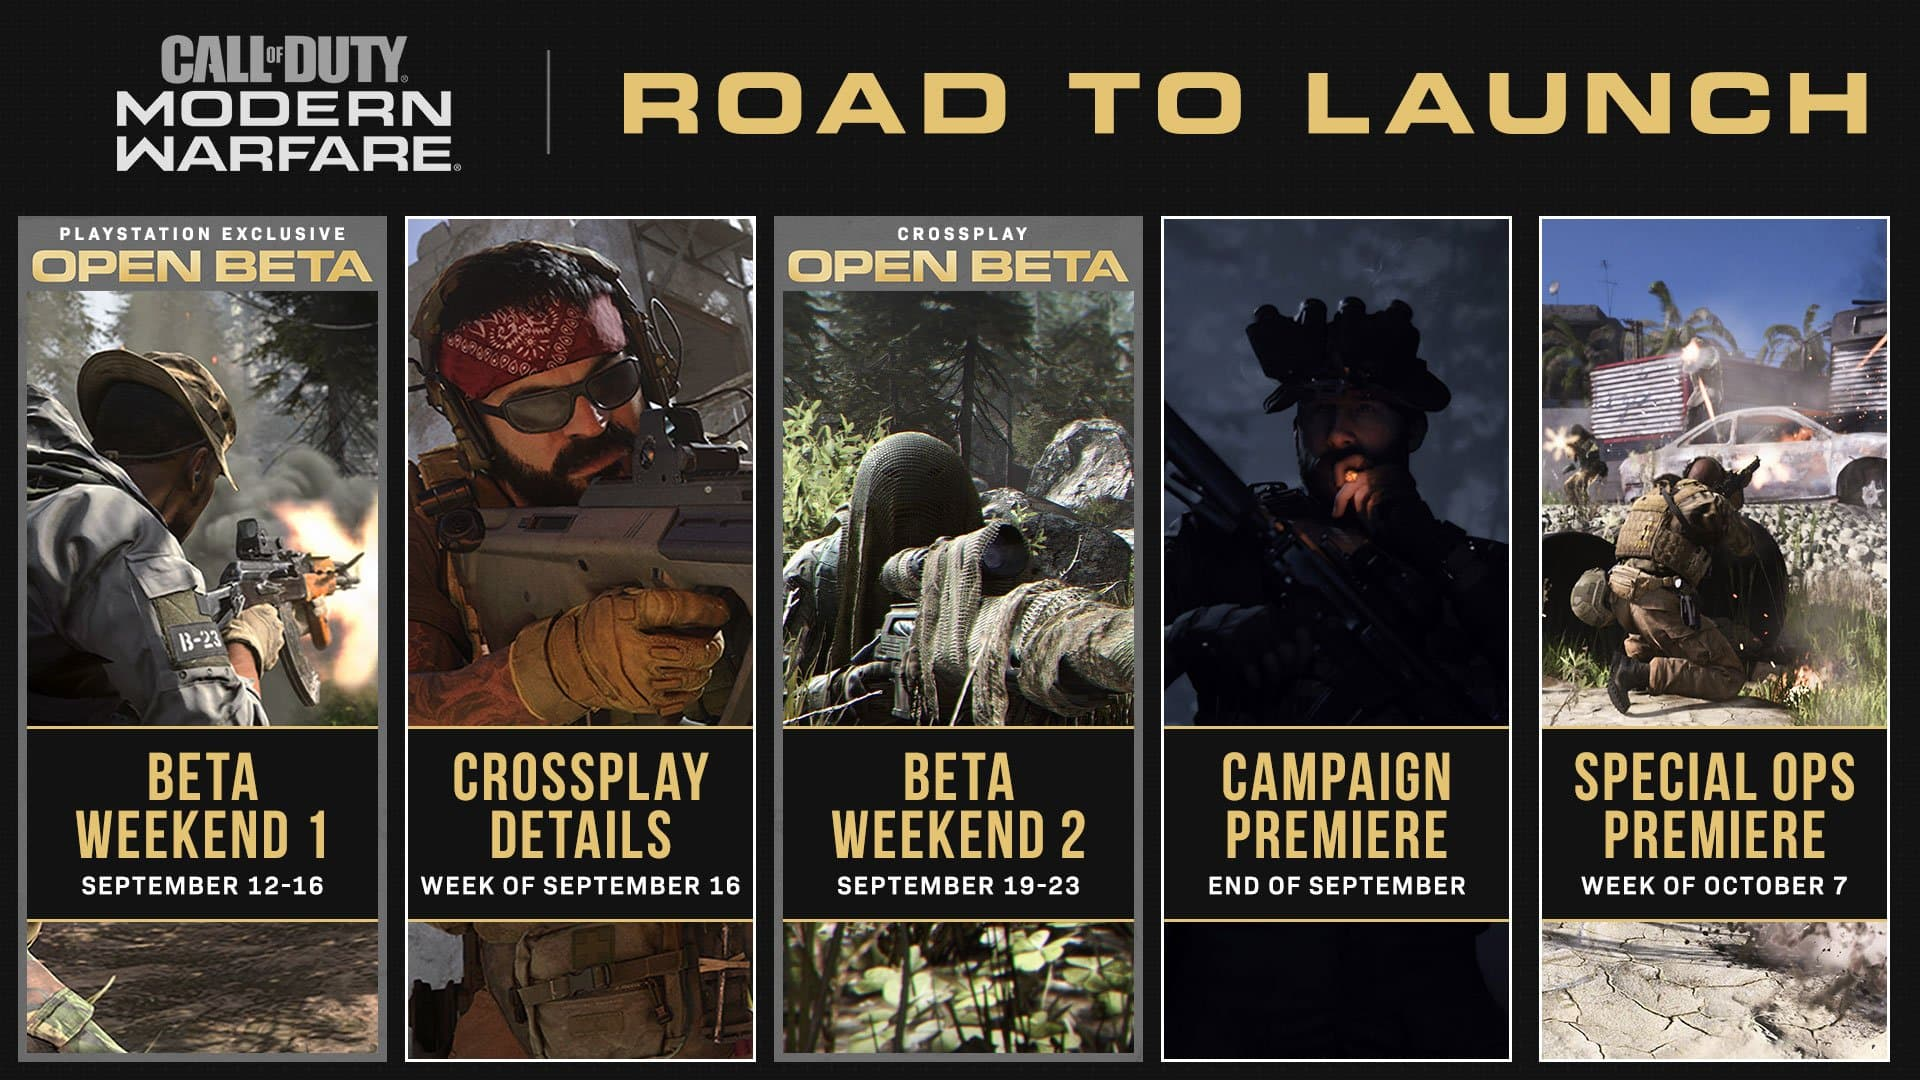 Ya hay fecha para la presentación de la campaña de Call of Duty: Modern Warfare 1